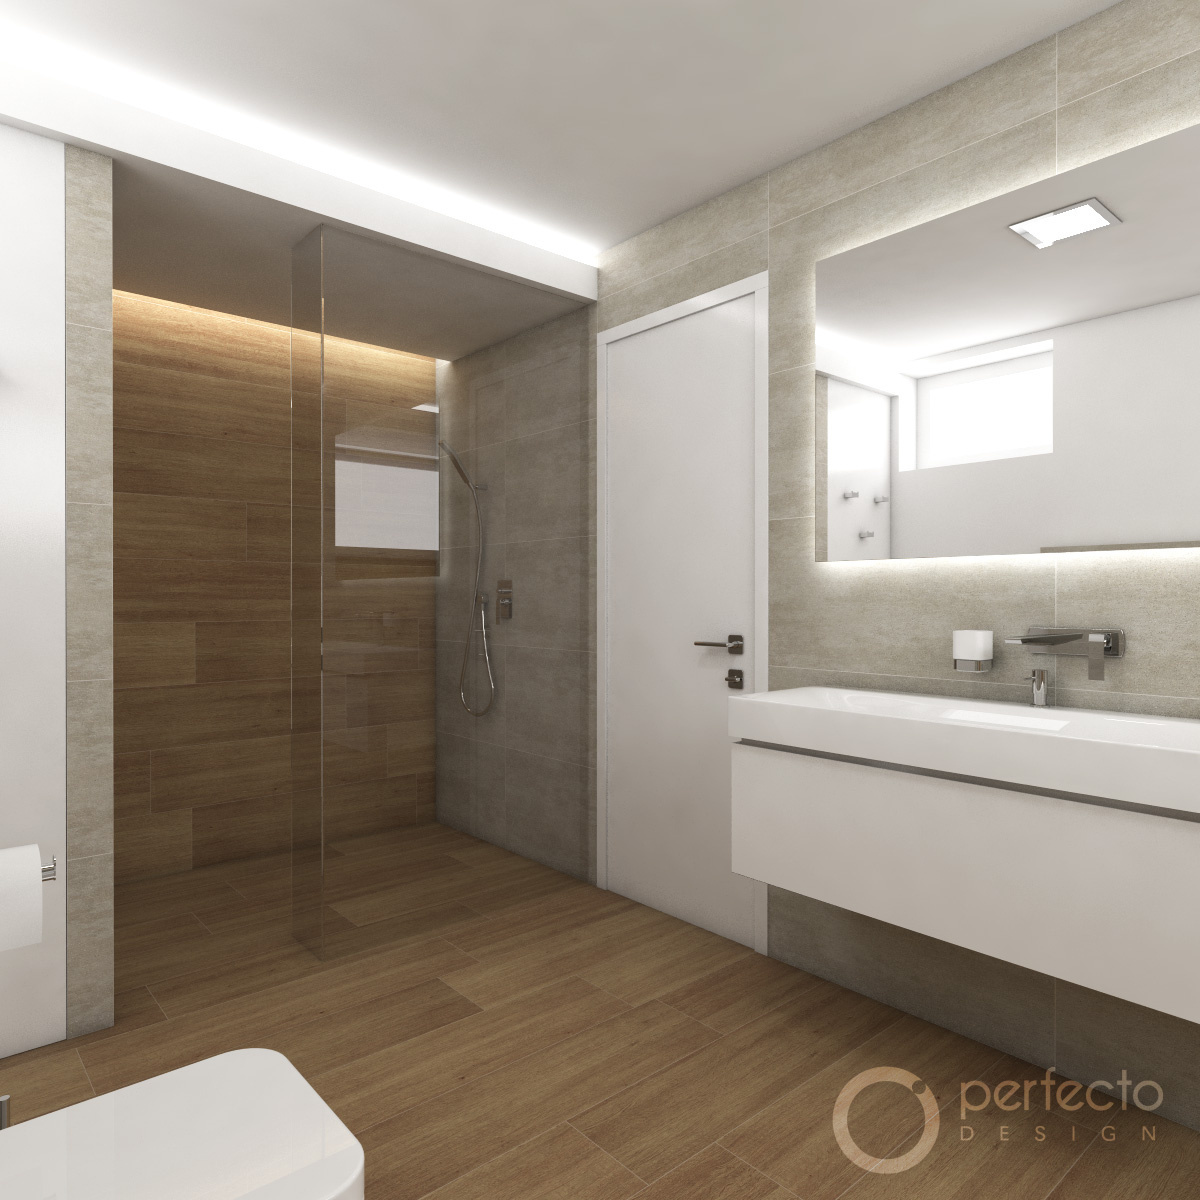 modernes badezimmer stanton | perfecto design - Modernes Badezimmer